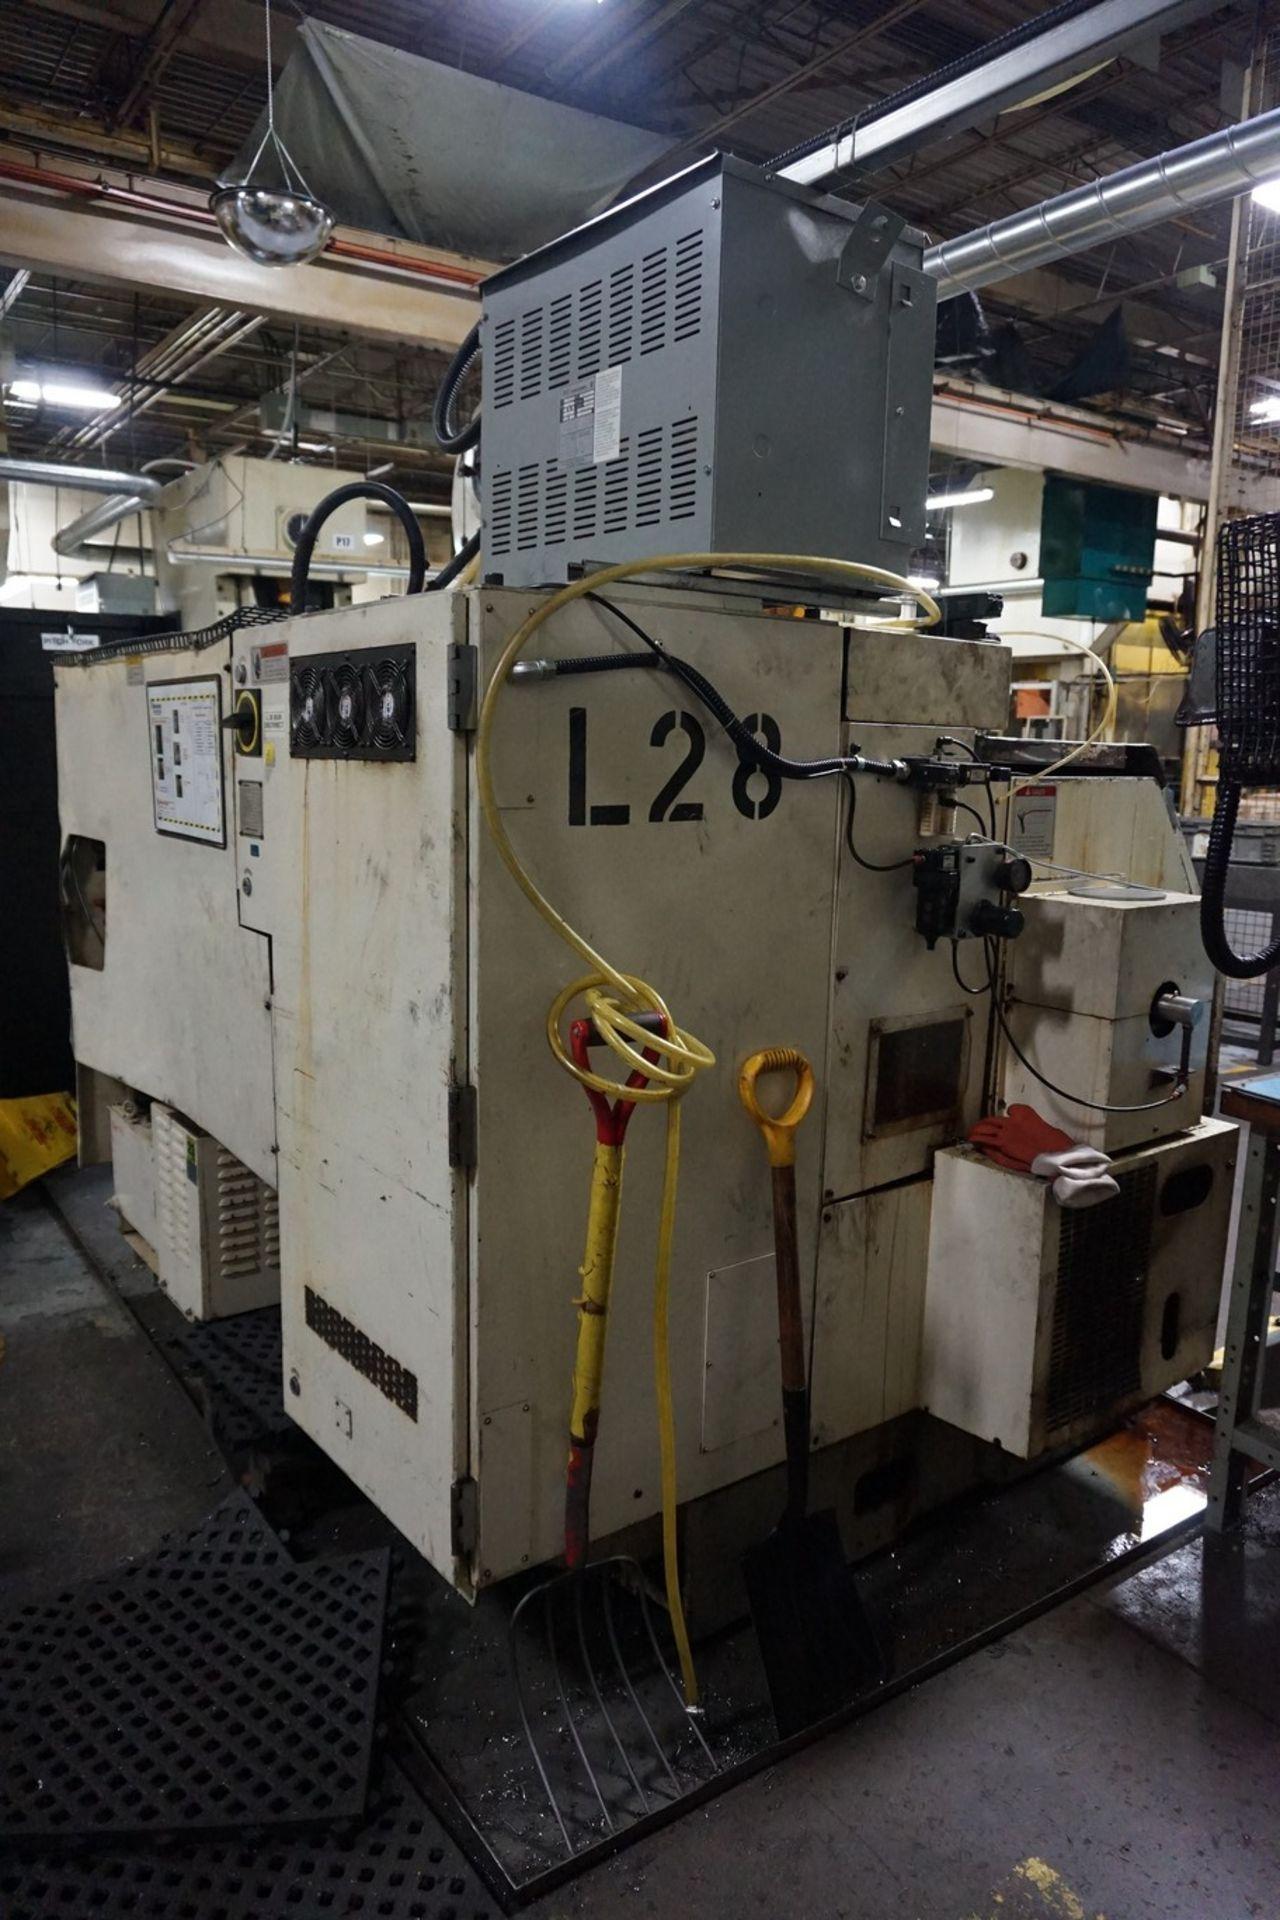 Okuma Model LCC15-2S CNC Lathe 220/240V c/w Chip Conveyor, Transformer - Image 5 of 11